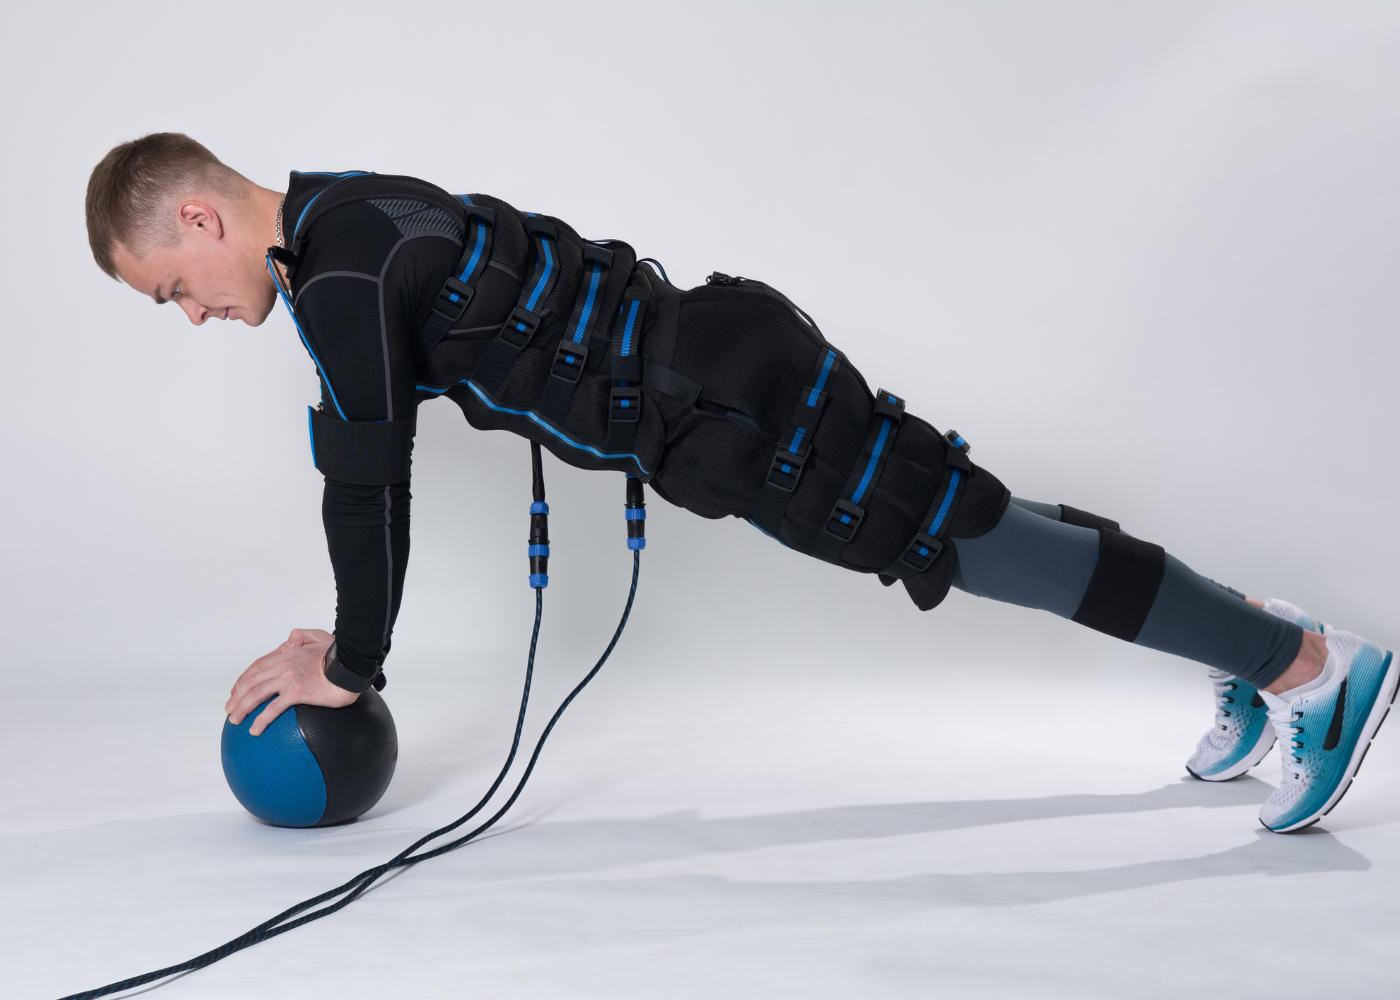 treino com electroestimulacao para preparacao fisica